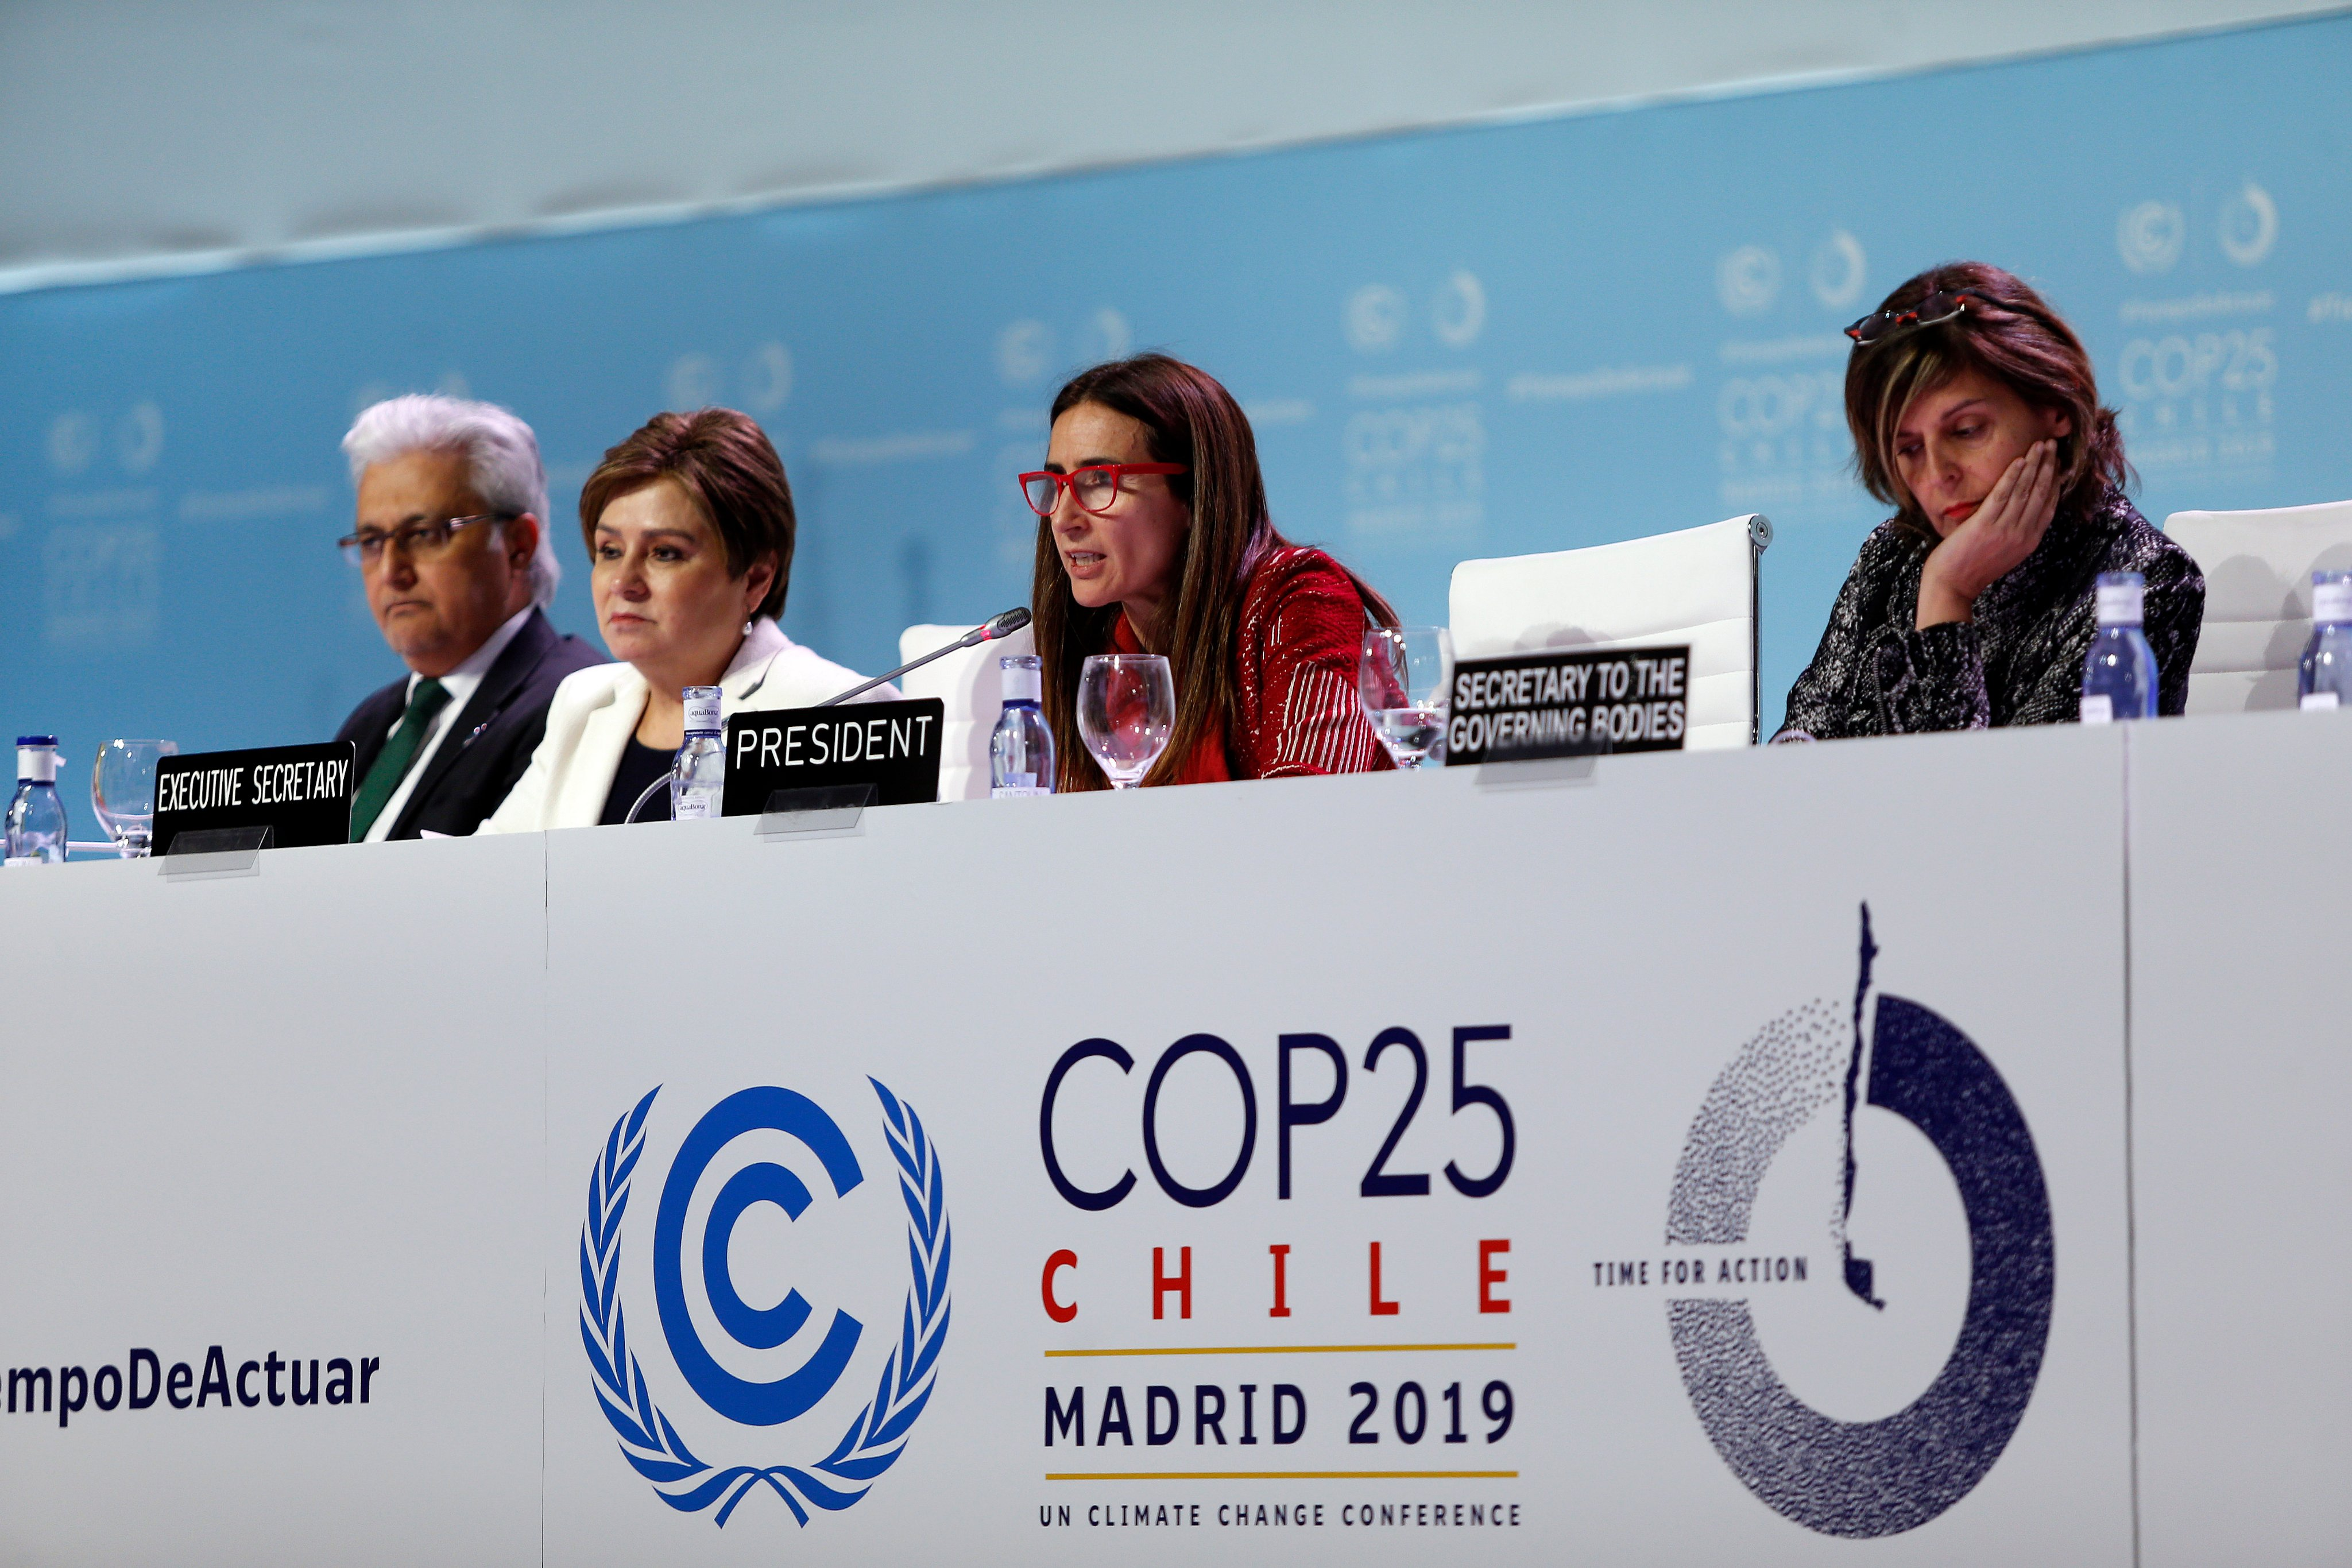 Cumbre del clima mercados de carbono